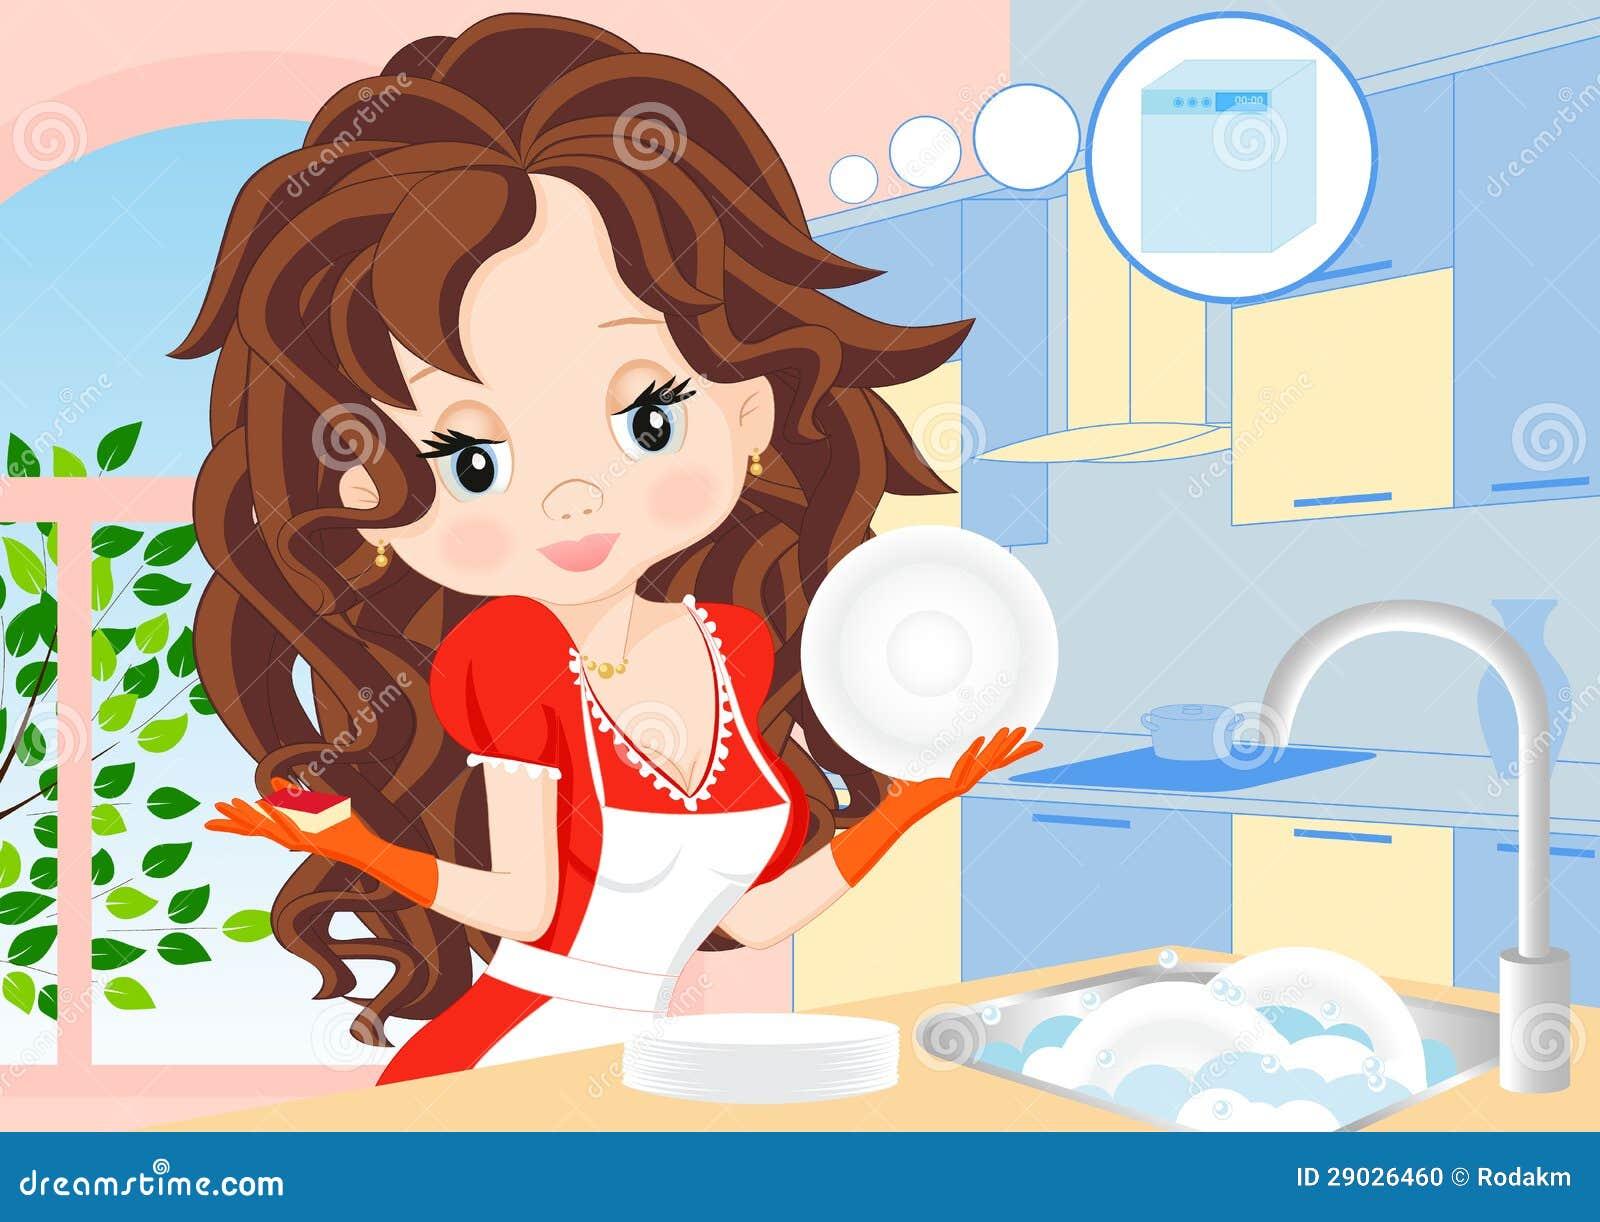 Vector De Stock Libre De Regalias Sobre La Limpieza De La Cocina